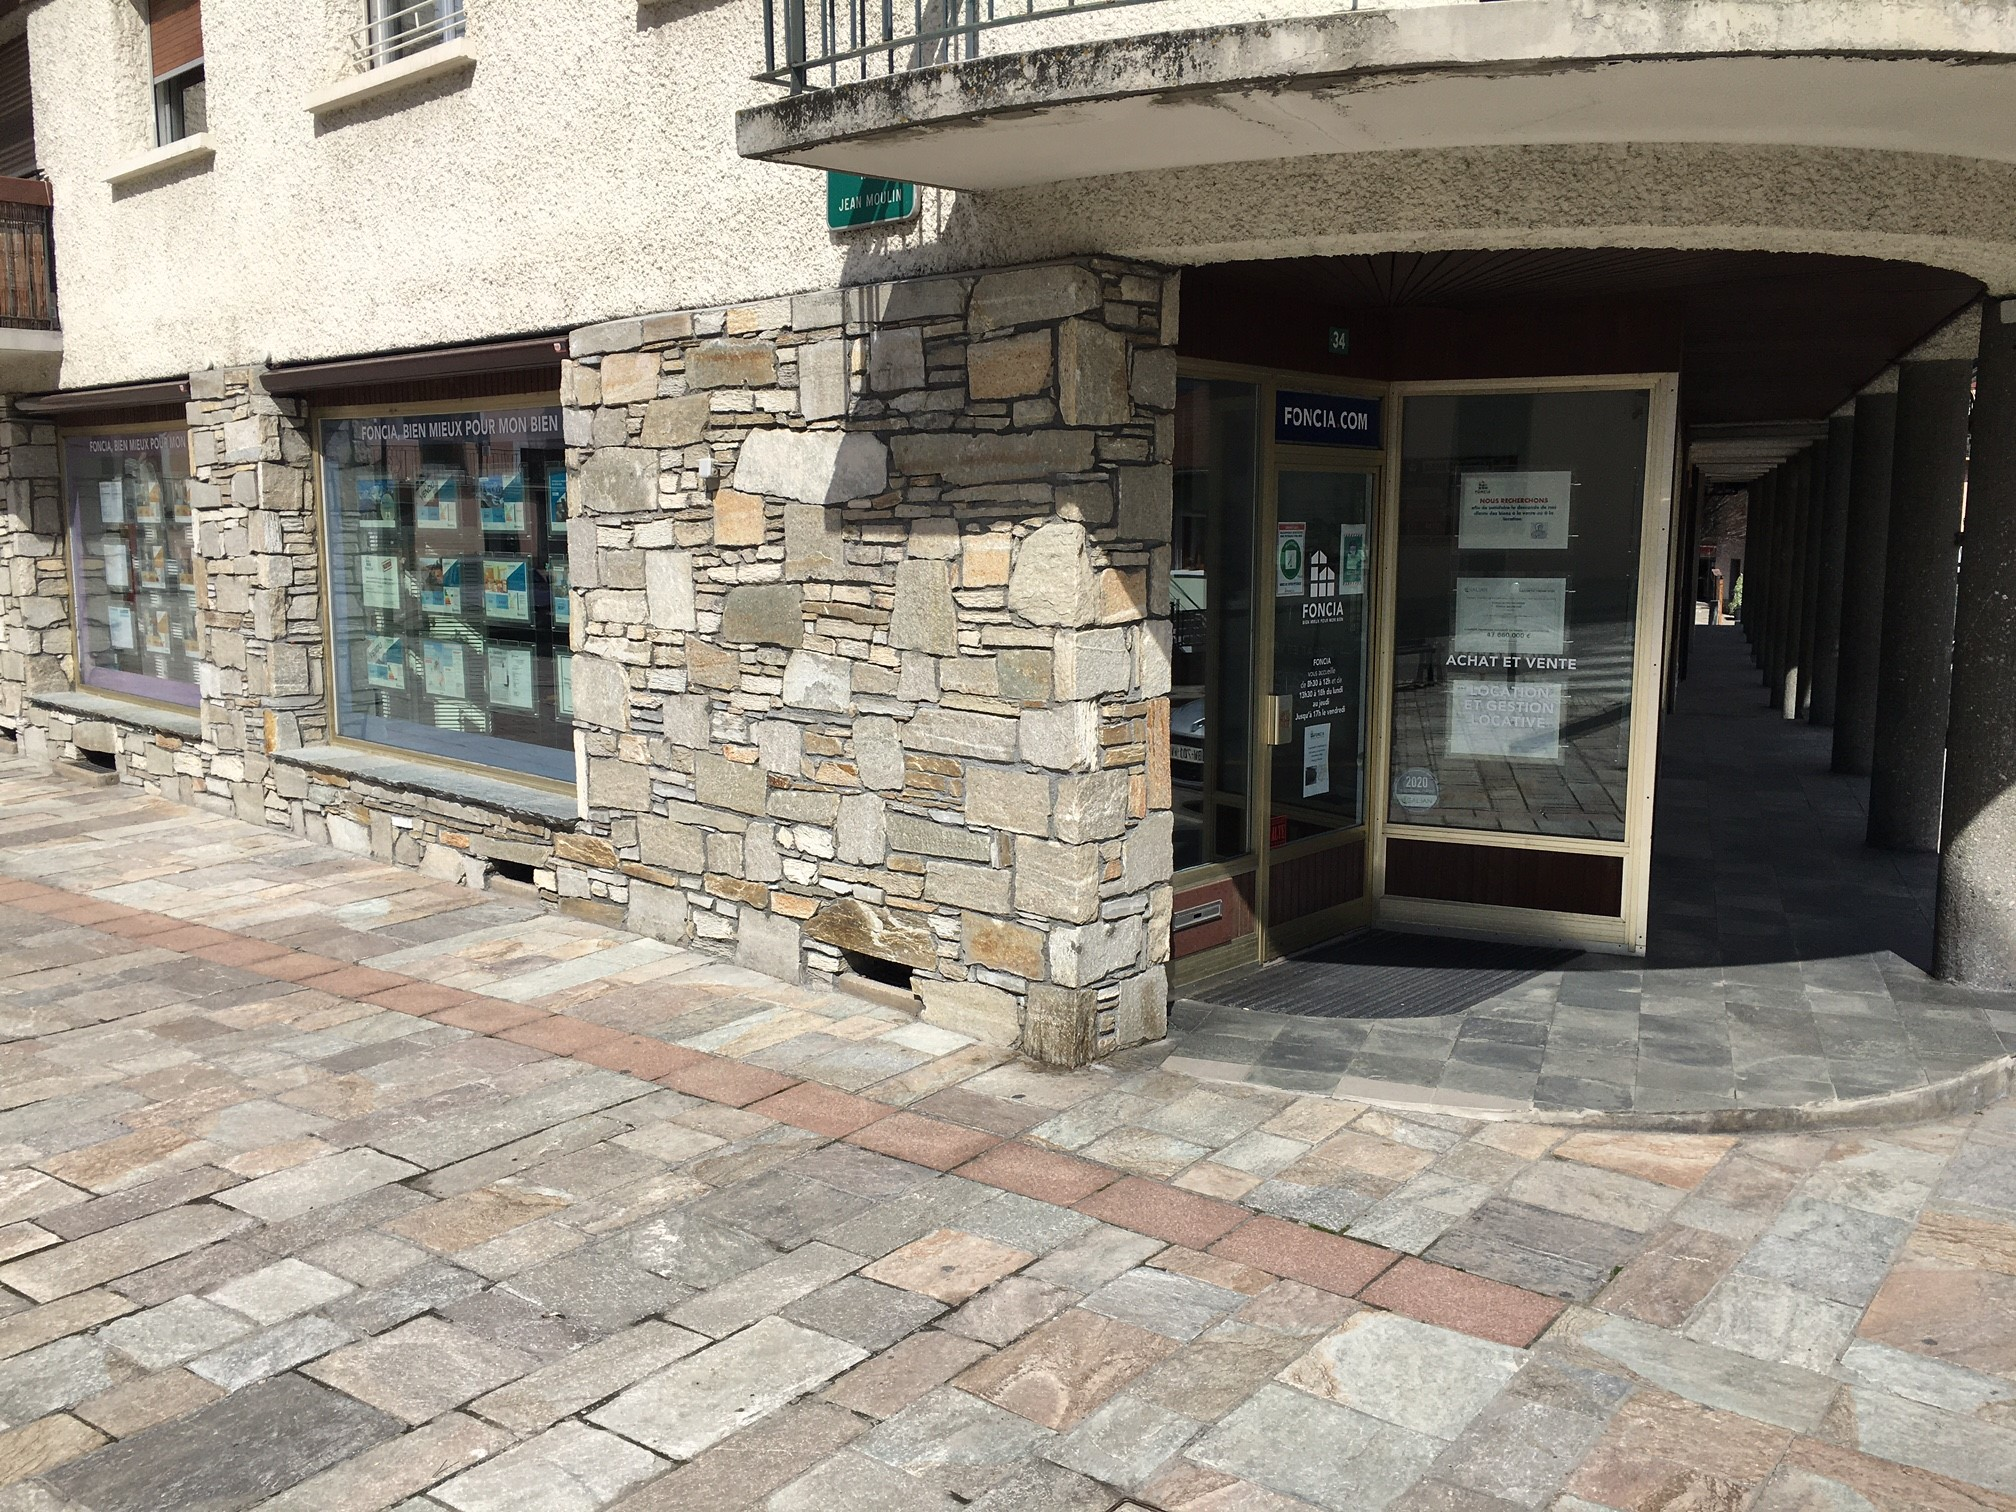 Agence immobilière Agence FONCIA Vente/achat Immobilier Bourg-Saint-Maurice Centenaire - FONCIA Transaction Savoie